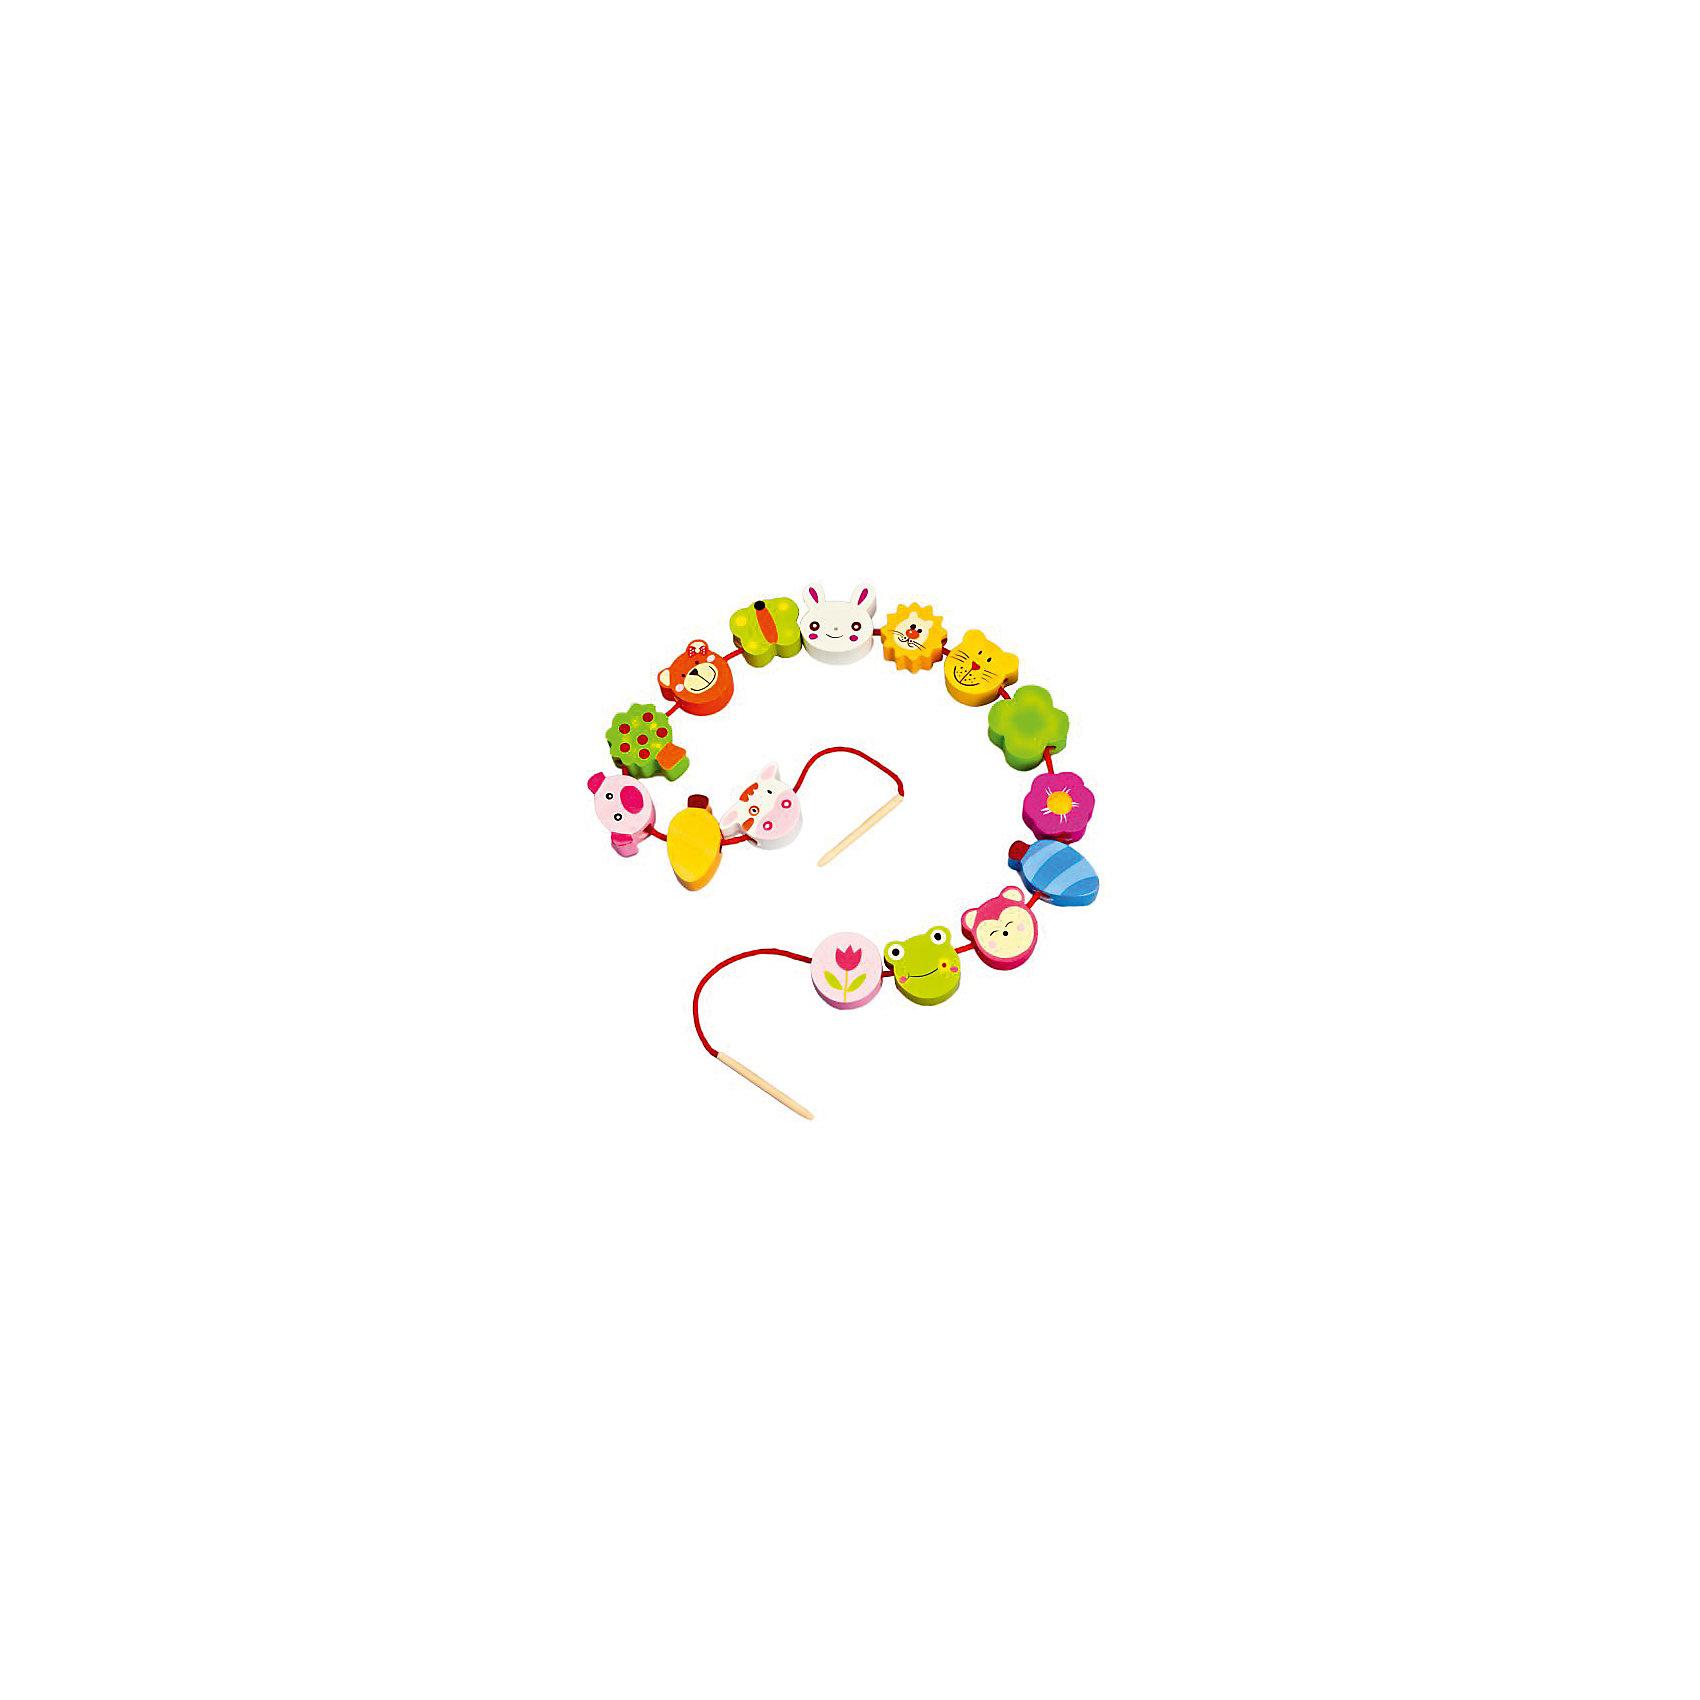 Шнуровка - бусы Звери, MapachaШнуровки<br>Шнуровка - бусы Звери от популярного бренда развивающих детских товаров Mapacha (Мапача) развлечет вашего ребенка. Пятнадцать ярких фигурок-бусинок с животными и растениями придут по вкусу вашему малышу и позволят придумать множество комбинаций нанизывания и разных историй связанных с животными и растениями. В набор входят удобные большие деревянные иглы, с помощью которых ребенку удобно нанизывать бусины. Этот набор изготовлен из экологически чистого и натурального материала – дерева, отлично отшлифован и окрашен в яркие цвета. Все фигурки раскрашены безопасными красками. С помощью шнуровки малыш сможет развить логику, разработать моторику рук, внимание и воображение.<br><br>Дополнительная информация:<br><br>- В комплект входит: 15 фигурок, 1 шнурок с деревянными иглами<br>- Материал: дерево, текстиль<br>- Размер бусин: 3-4 см.<br>- Размер шнурка: 80 см.<br>- Вес: 0,2 кг.<br><br>Шнуровку - бусы  Звери, Mapacha (Мапача) можно купить в нашем интернет-магазине.<br><br>Подробнее:<br>• Для детей в возрасте: от 3 до 7 лет<br>• Номер товара: 4925607<br>Страна производитель: Китай<br><br>Ширина мм: 160<br>Глубина мм: 60<br>Высота мм: 240<br>Вес г: 15<br>Возраст от месяцев: 36<br>Возраст до месяцев: 84<br>Пол: Унисекс<br>Возраст: Детский<br>SKU: 4925607